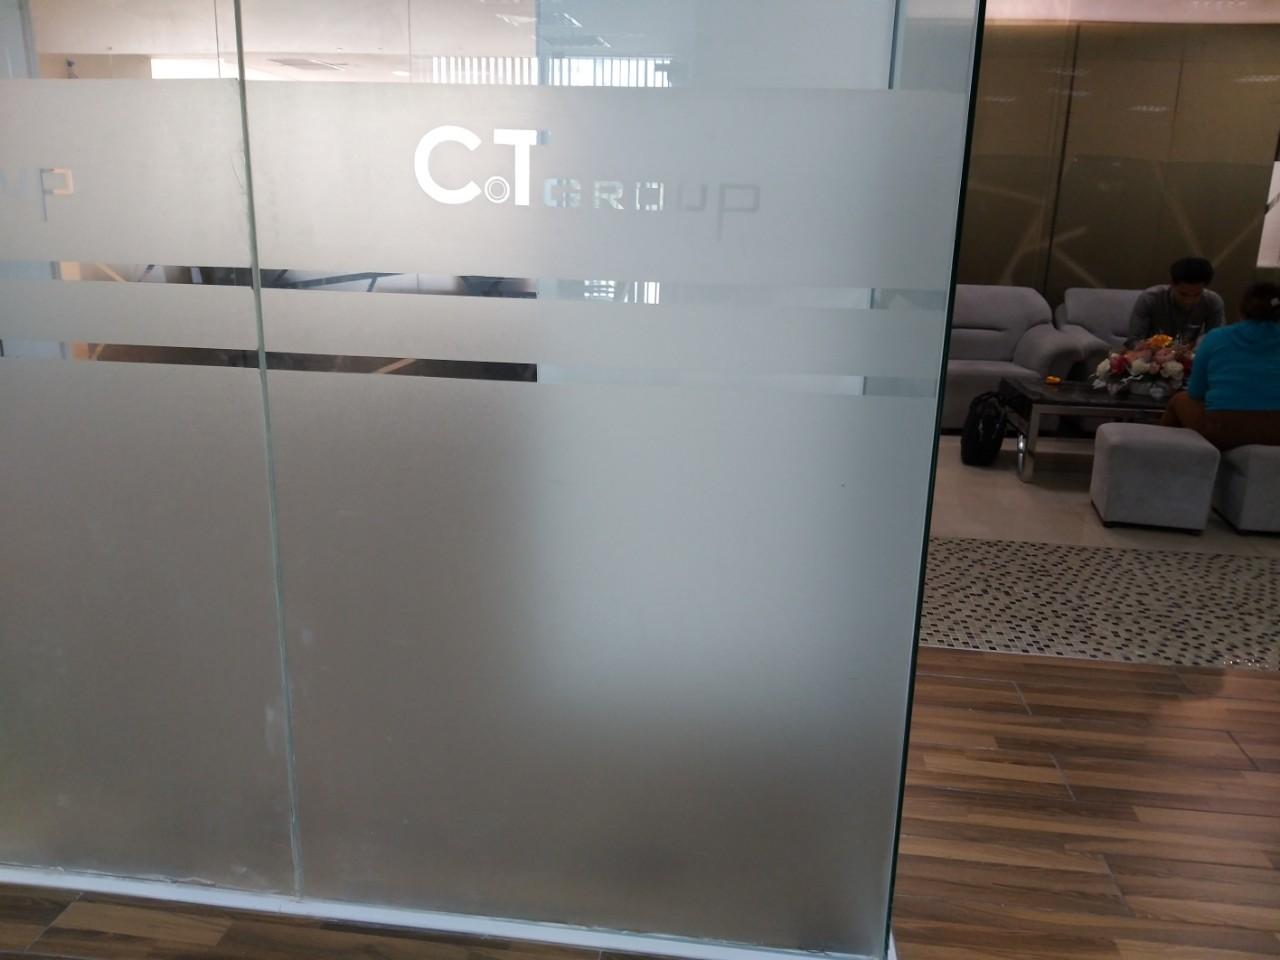 Dán cửa kính cho công ty CT Group